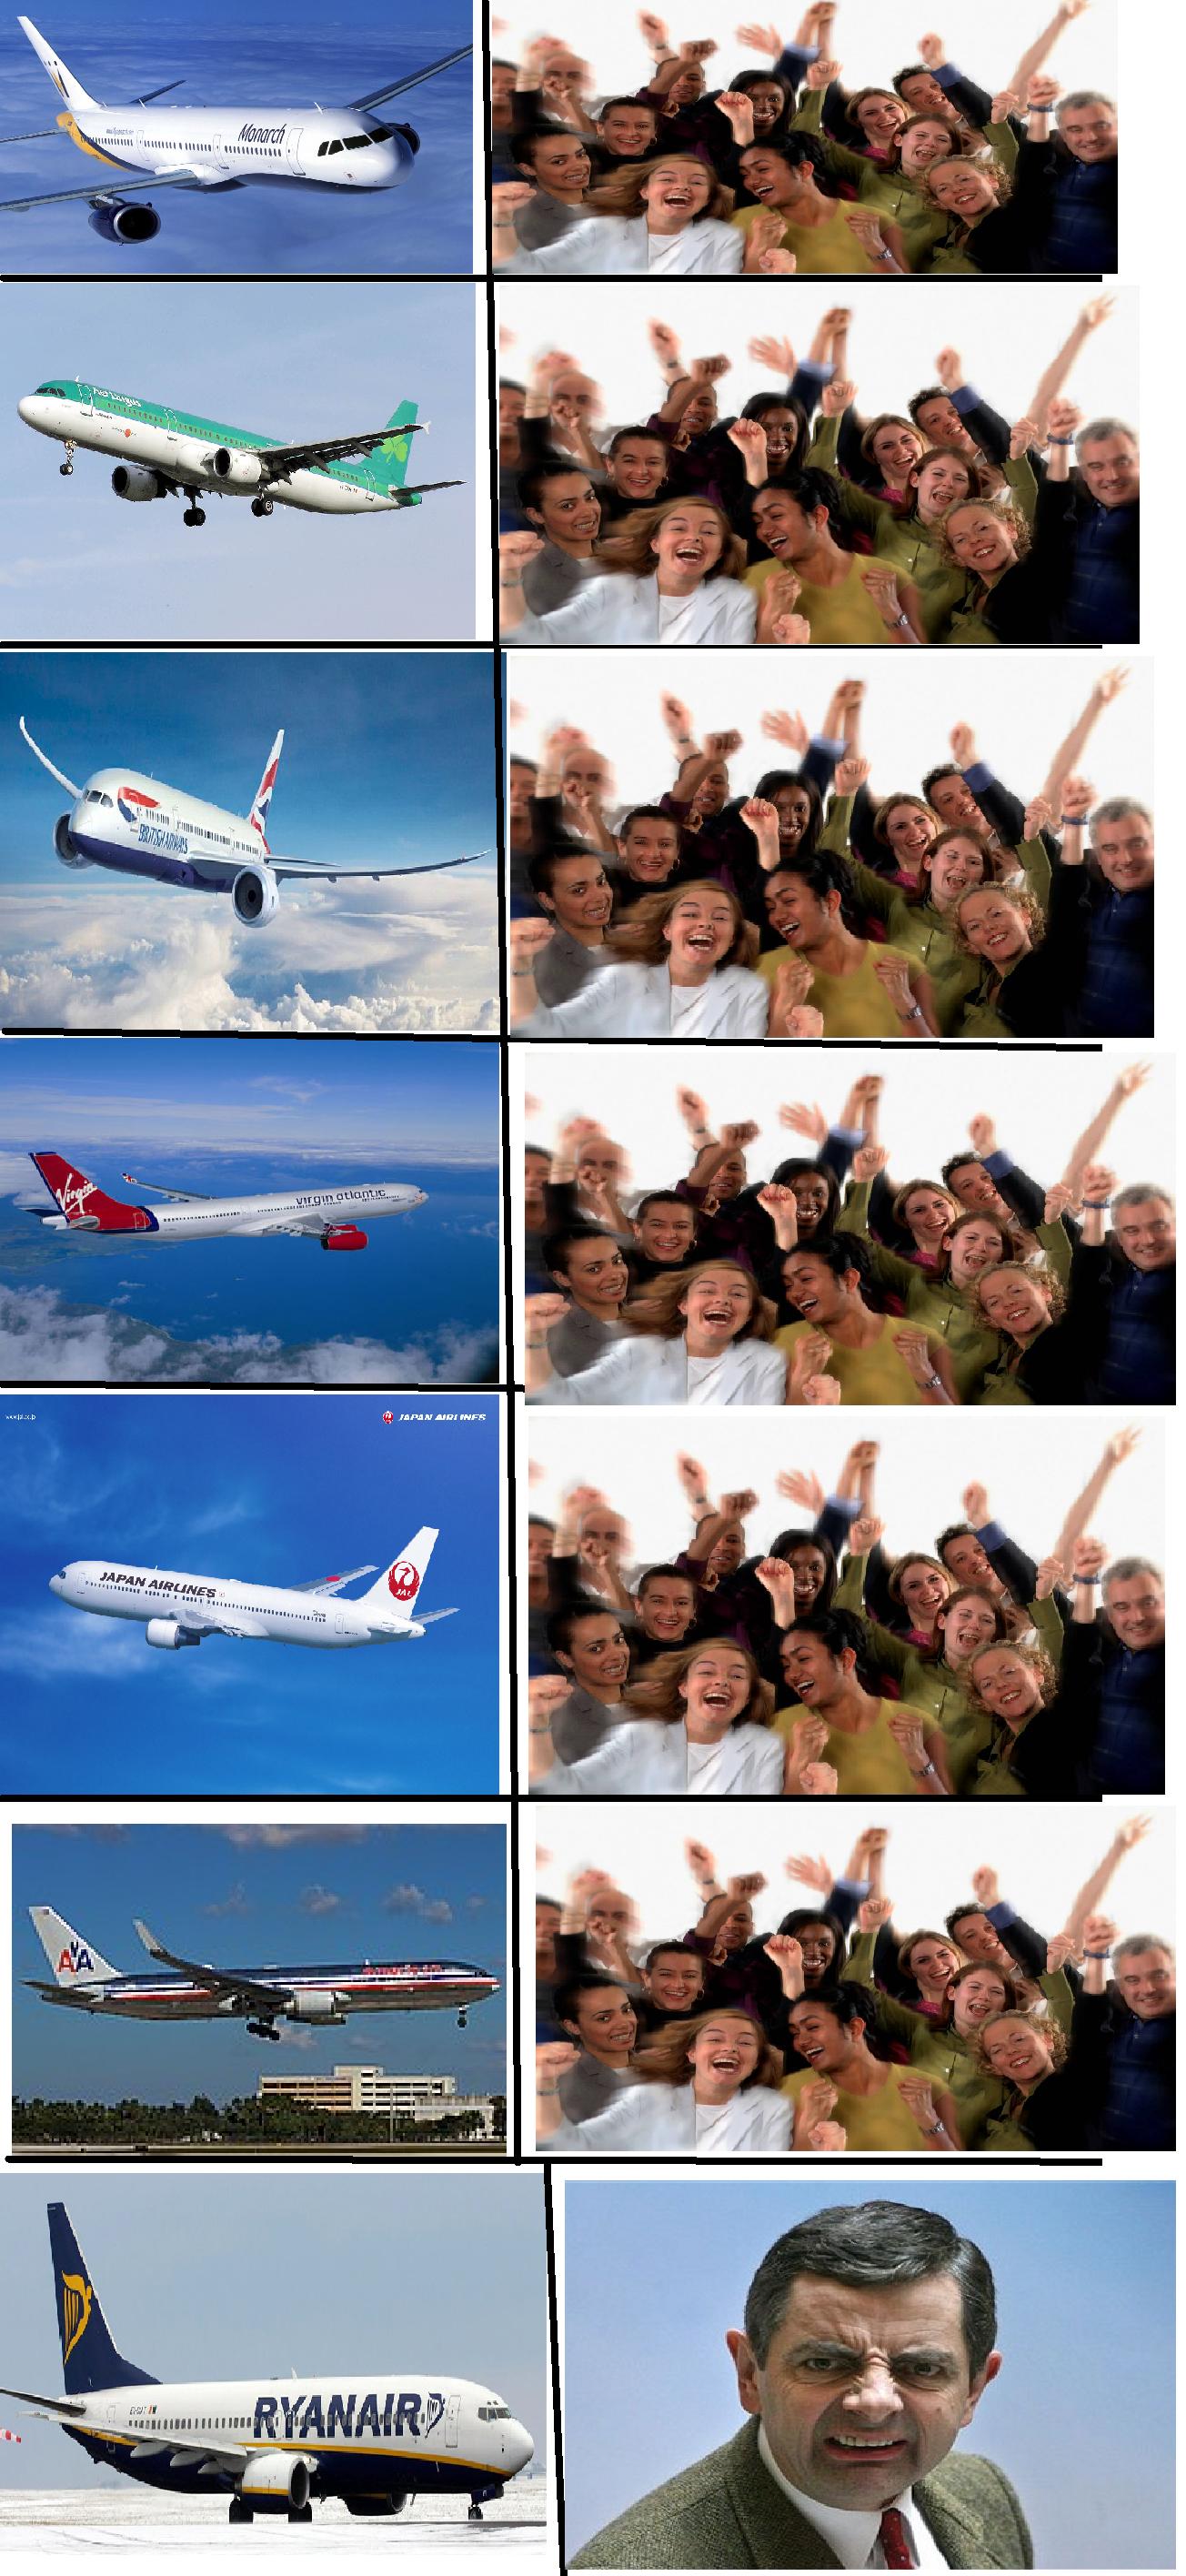 Good ol' Ryanair. The people want QUALITY...... Airplane jal aer lingus Virgin monarch Ryanair Crowd british airways